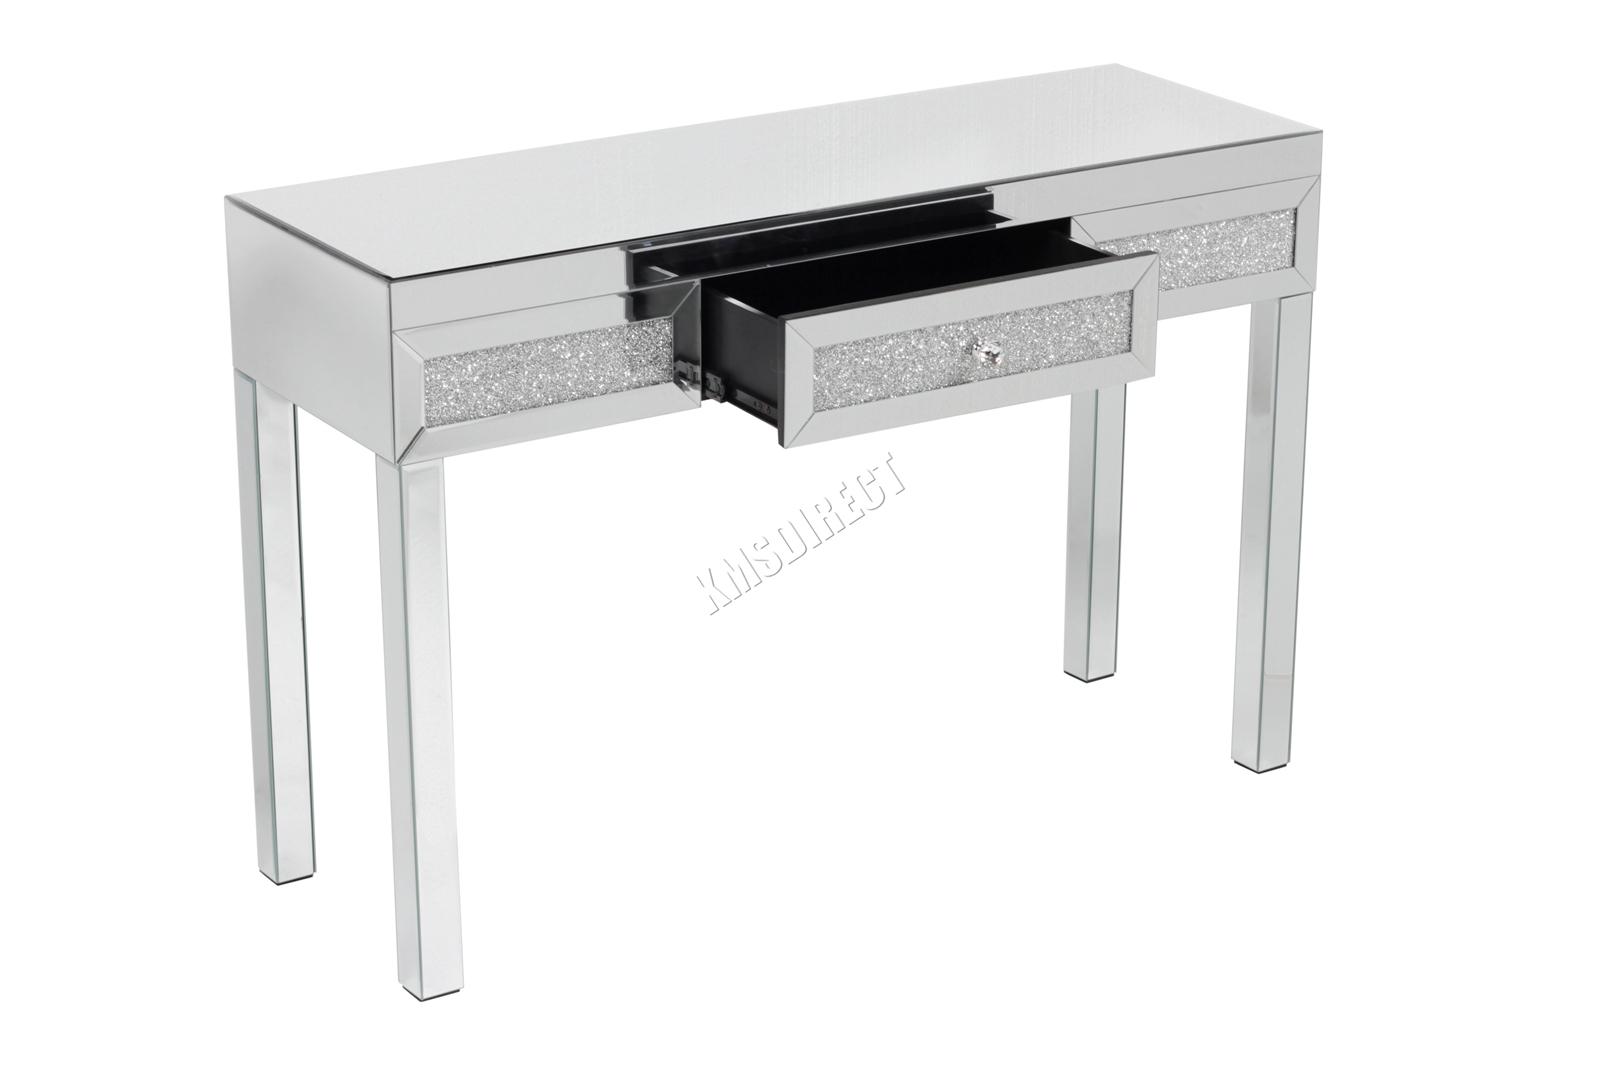 Westwood Miroir Mobilier Table De Toilette En Verre Avec Tiroir